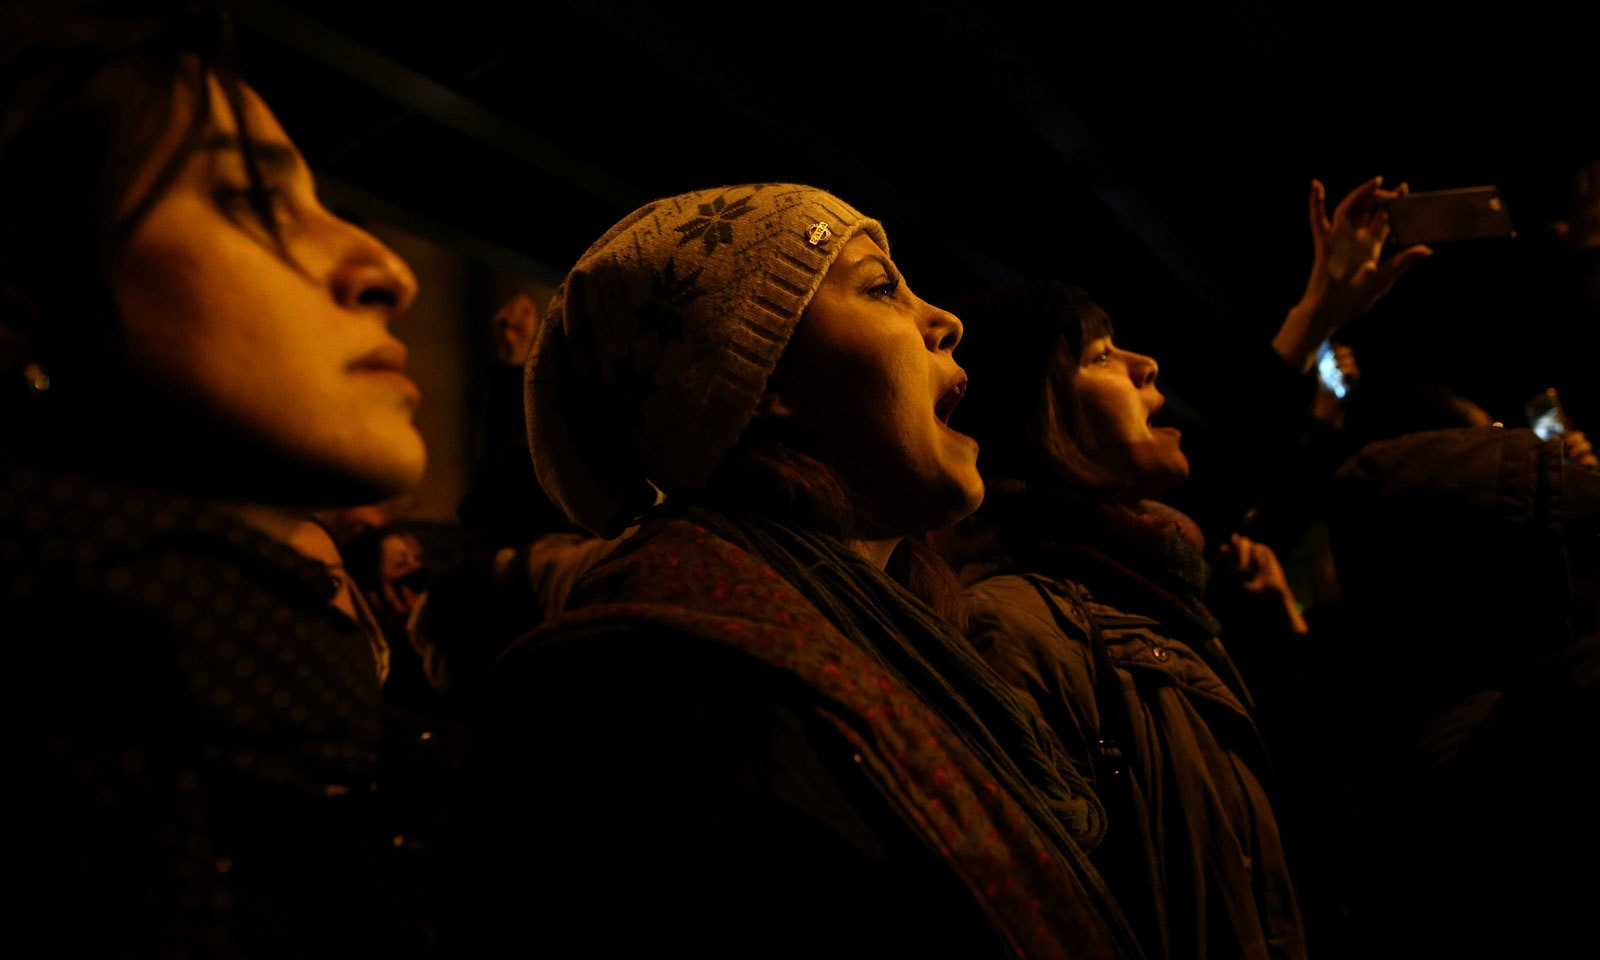 مظاہرے میں شریک خواتین حکومت کے خلاف نعرے بازی کر رہی ہیں— فوٹو: رائٹرز